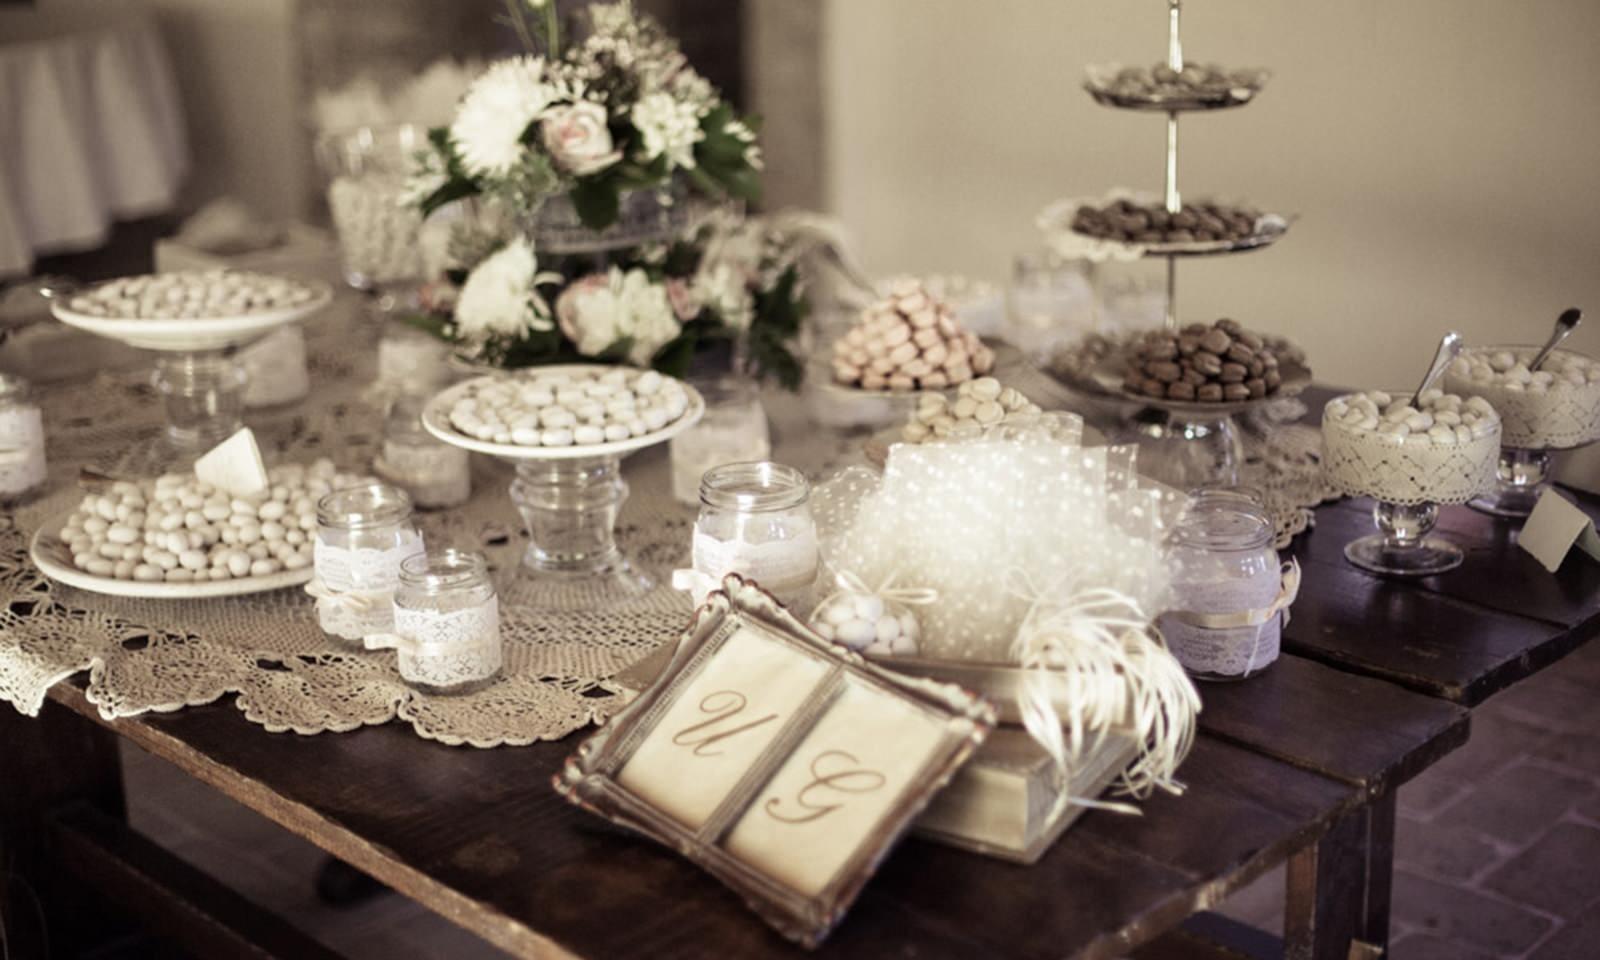 Tradizioni e credenze curiosit sul matrimonio sposi - Come addobbare la casa della sposa il giorno del matrimonio ...